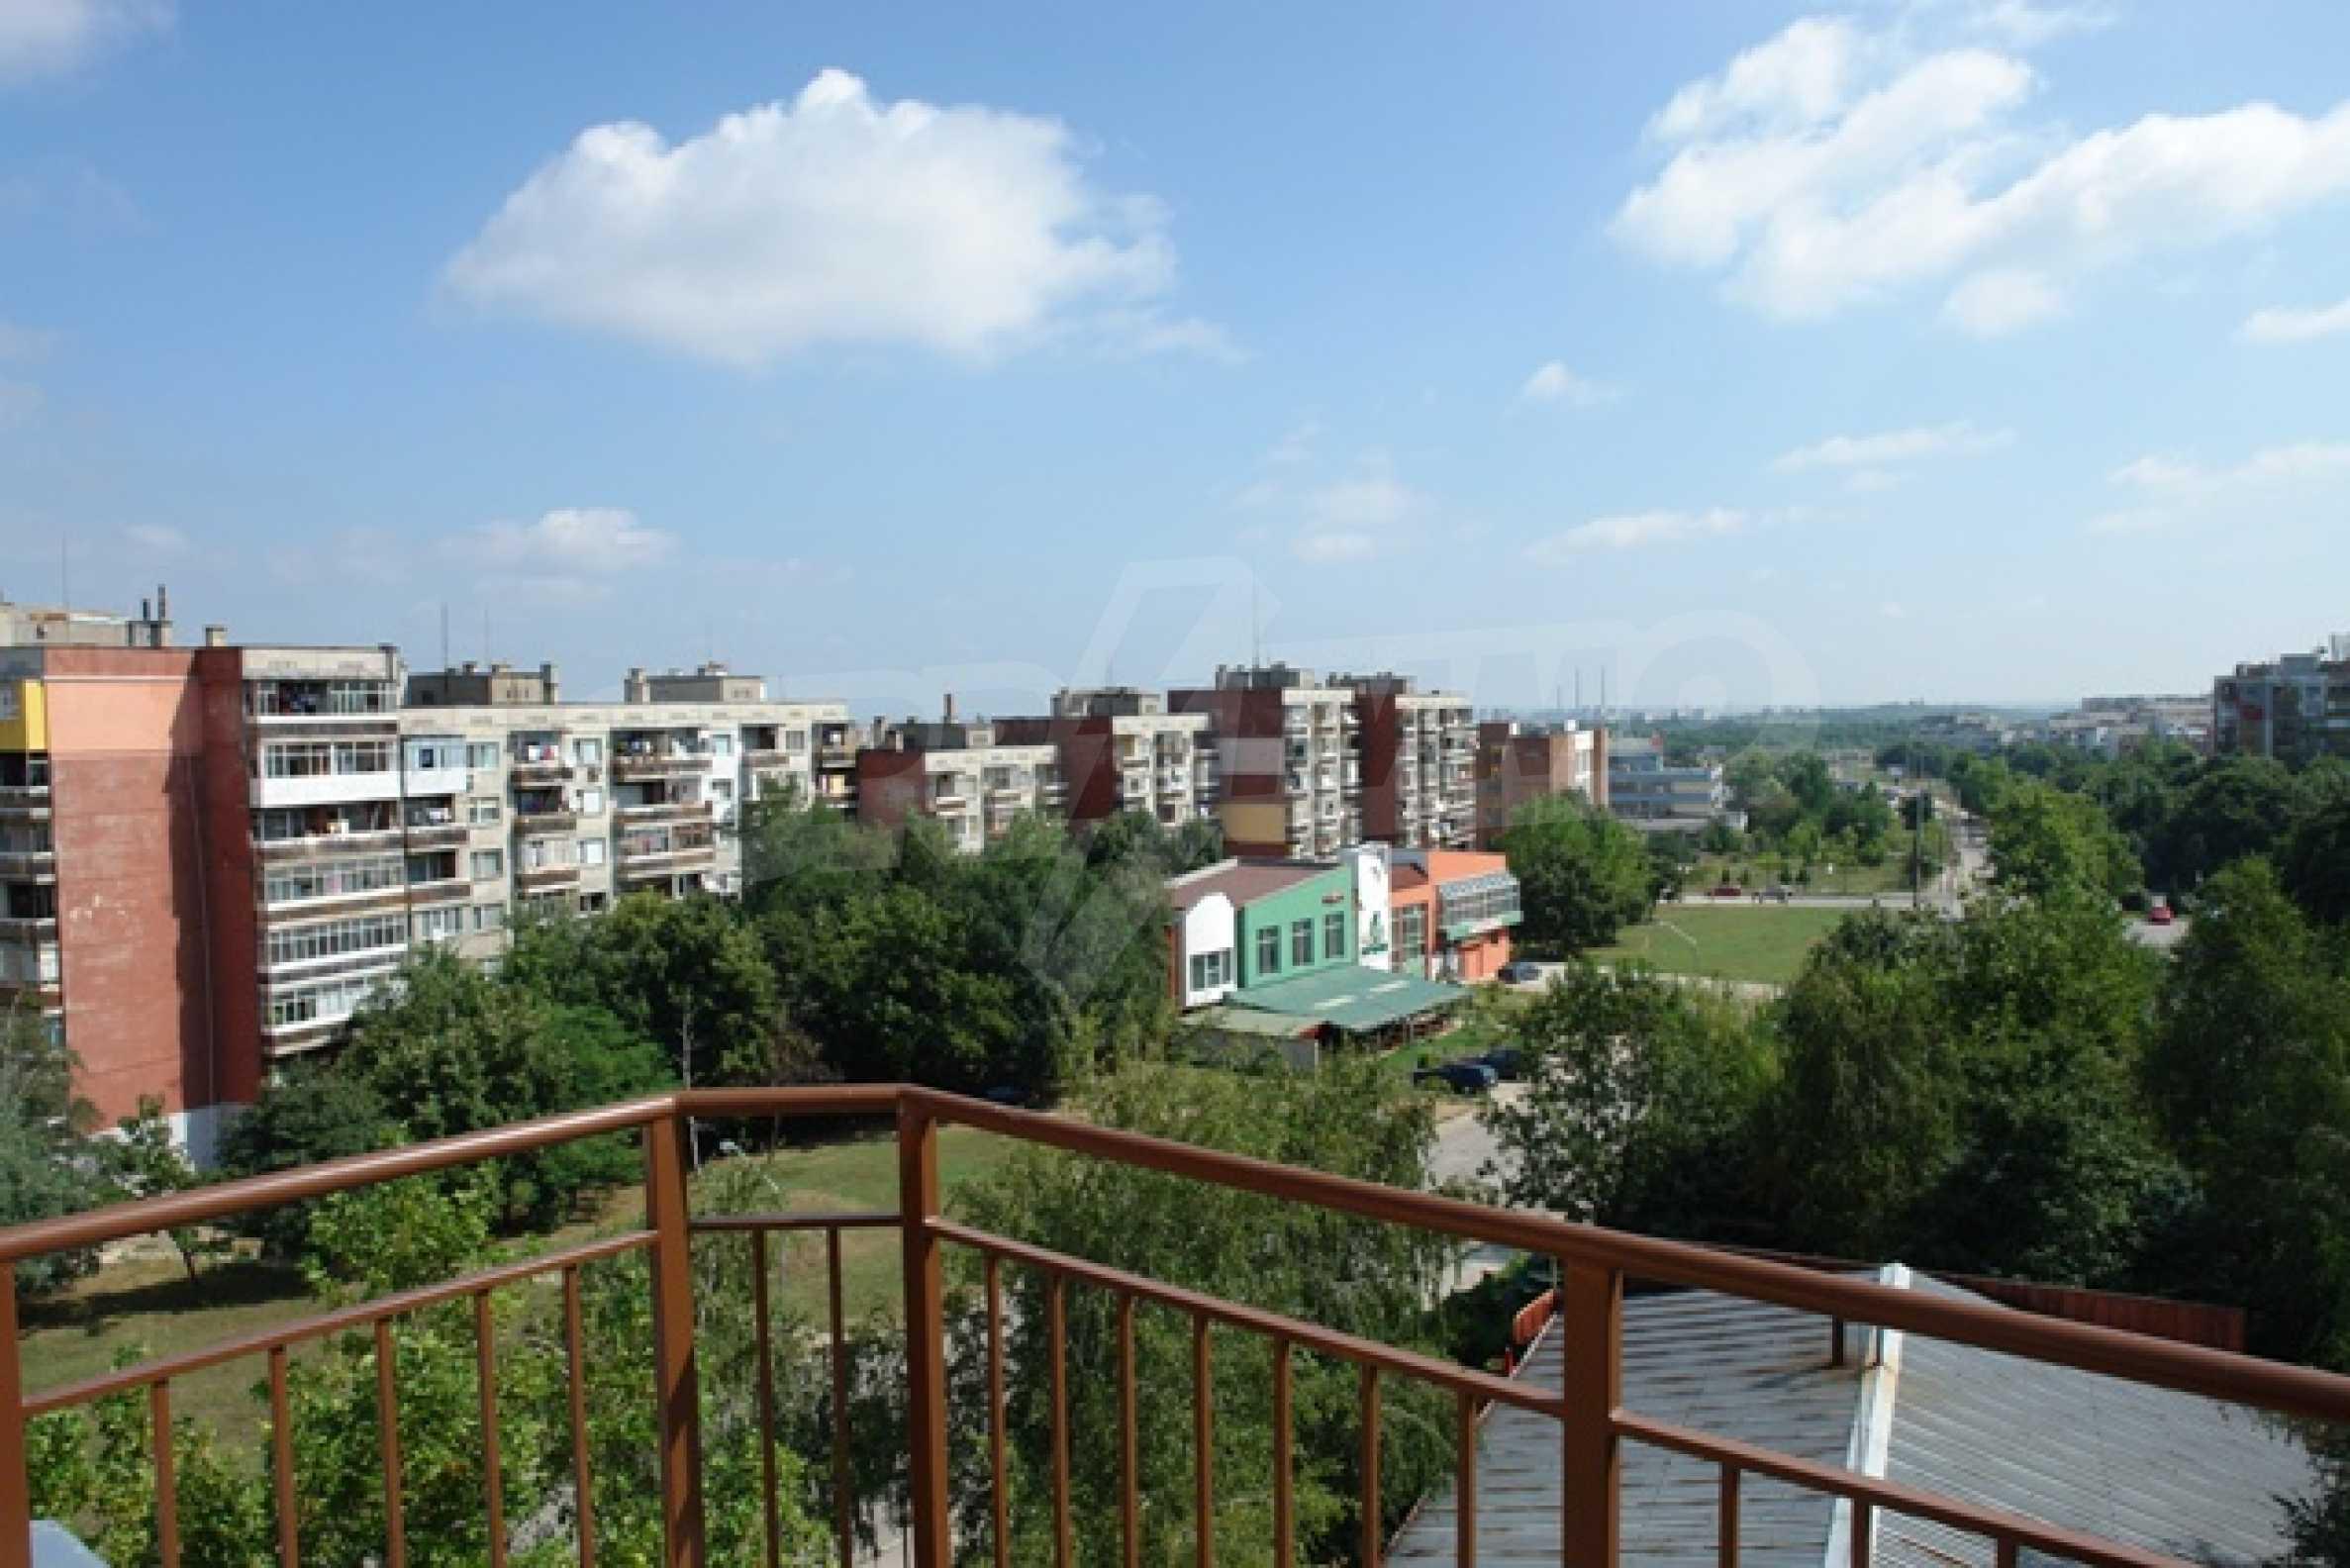 Тристаен апартамент в Русе с невероятна панорама към града 26